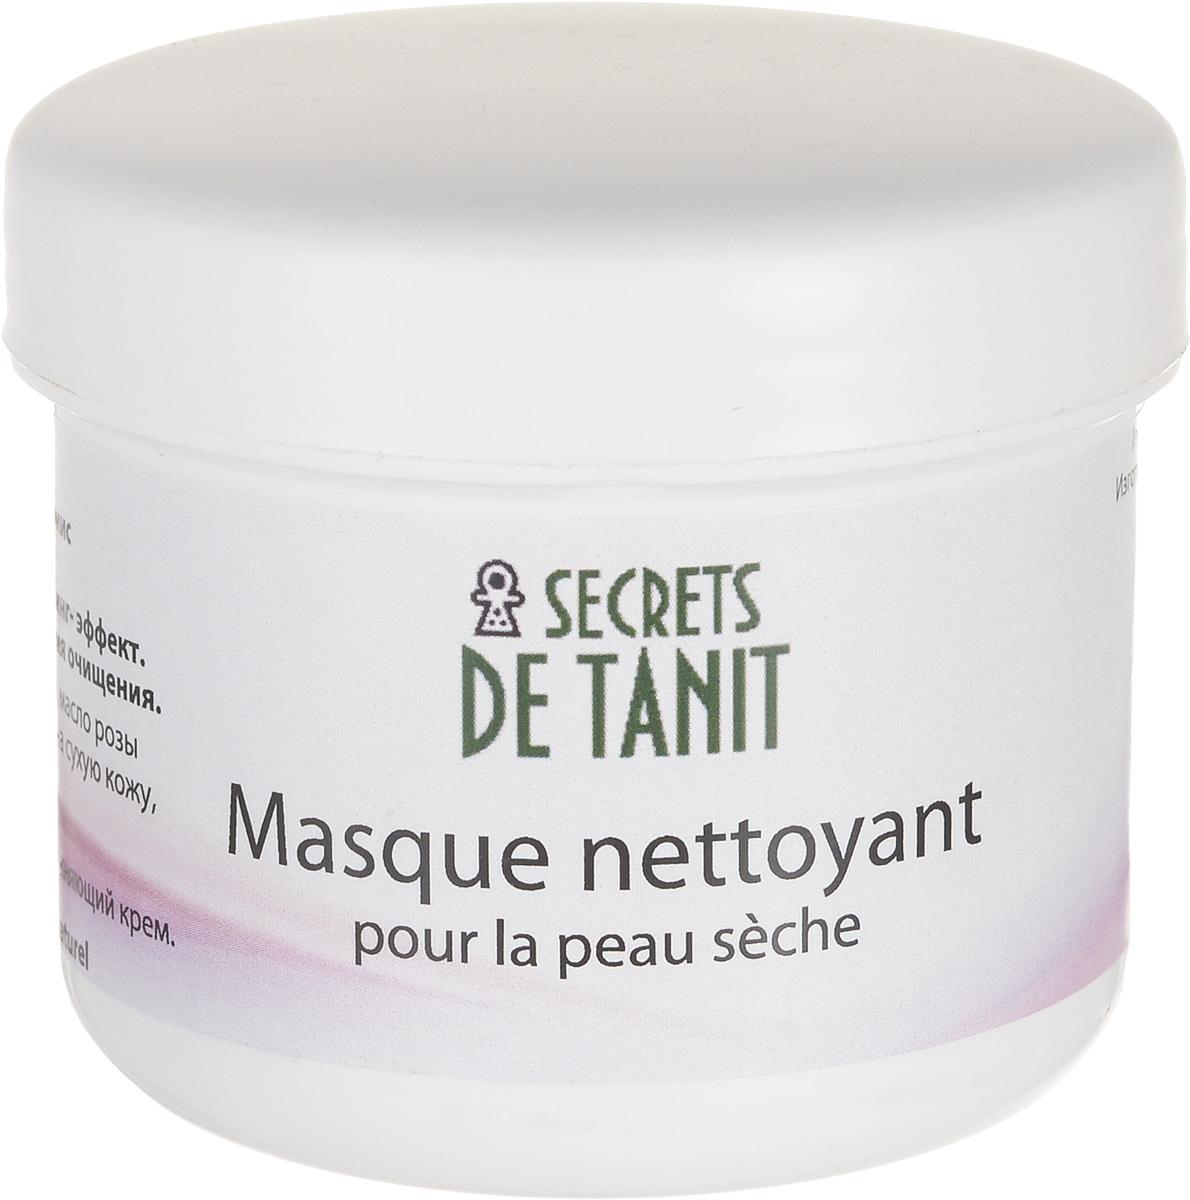 Secrets de Tanit Глиняная маска для сухой кожи лица, 200 мг086-4-31607100% натуральная маска Secrets de Tanit для сухой кожи лица